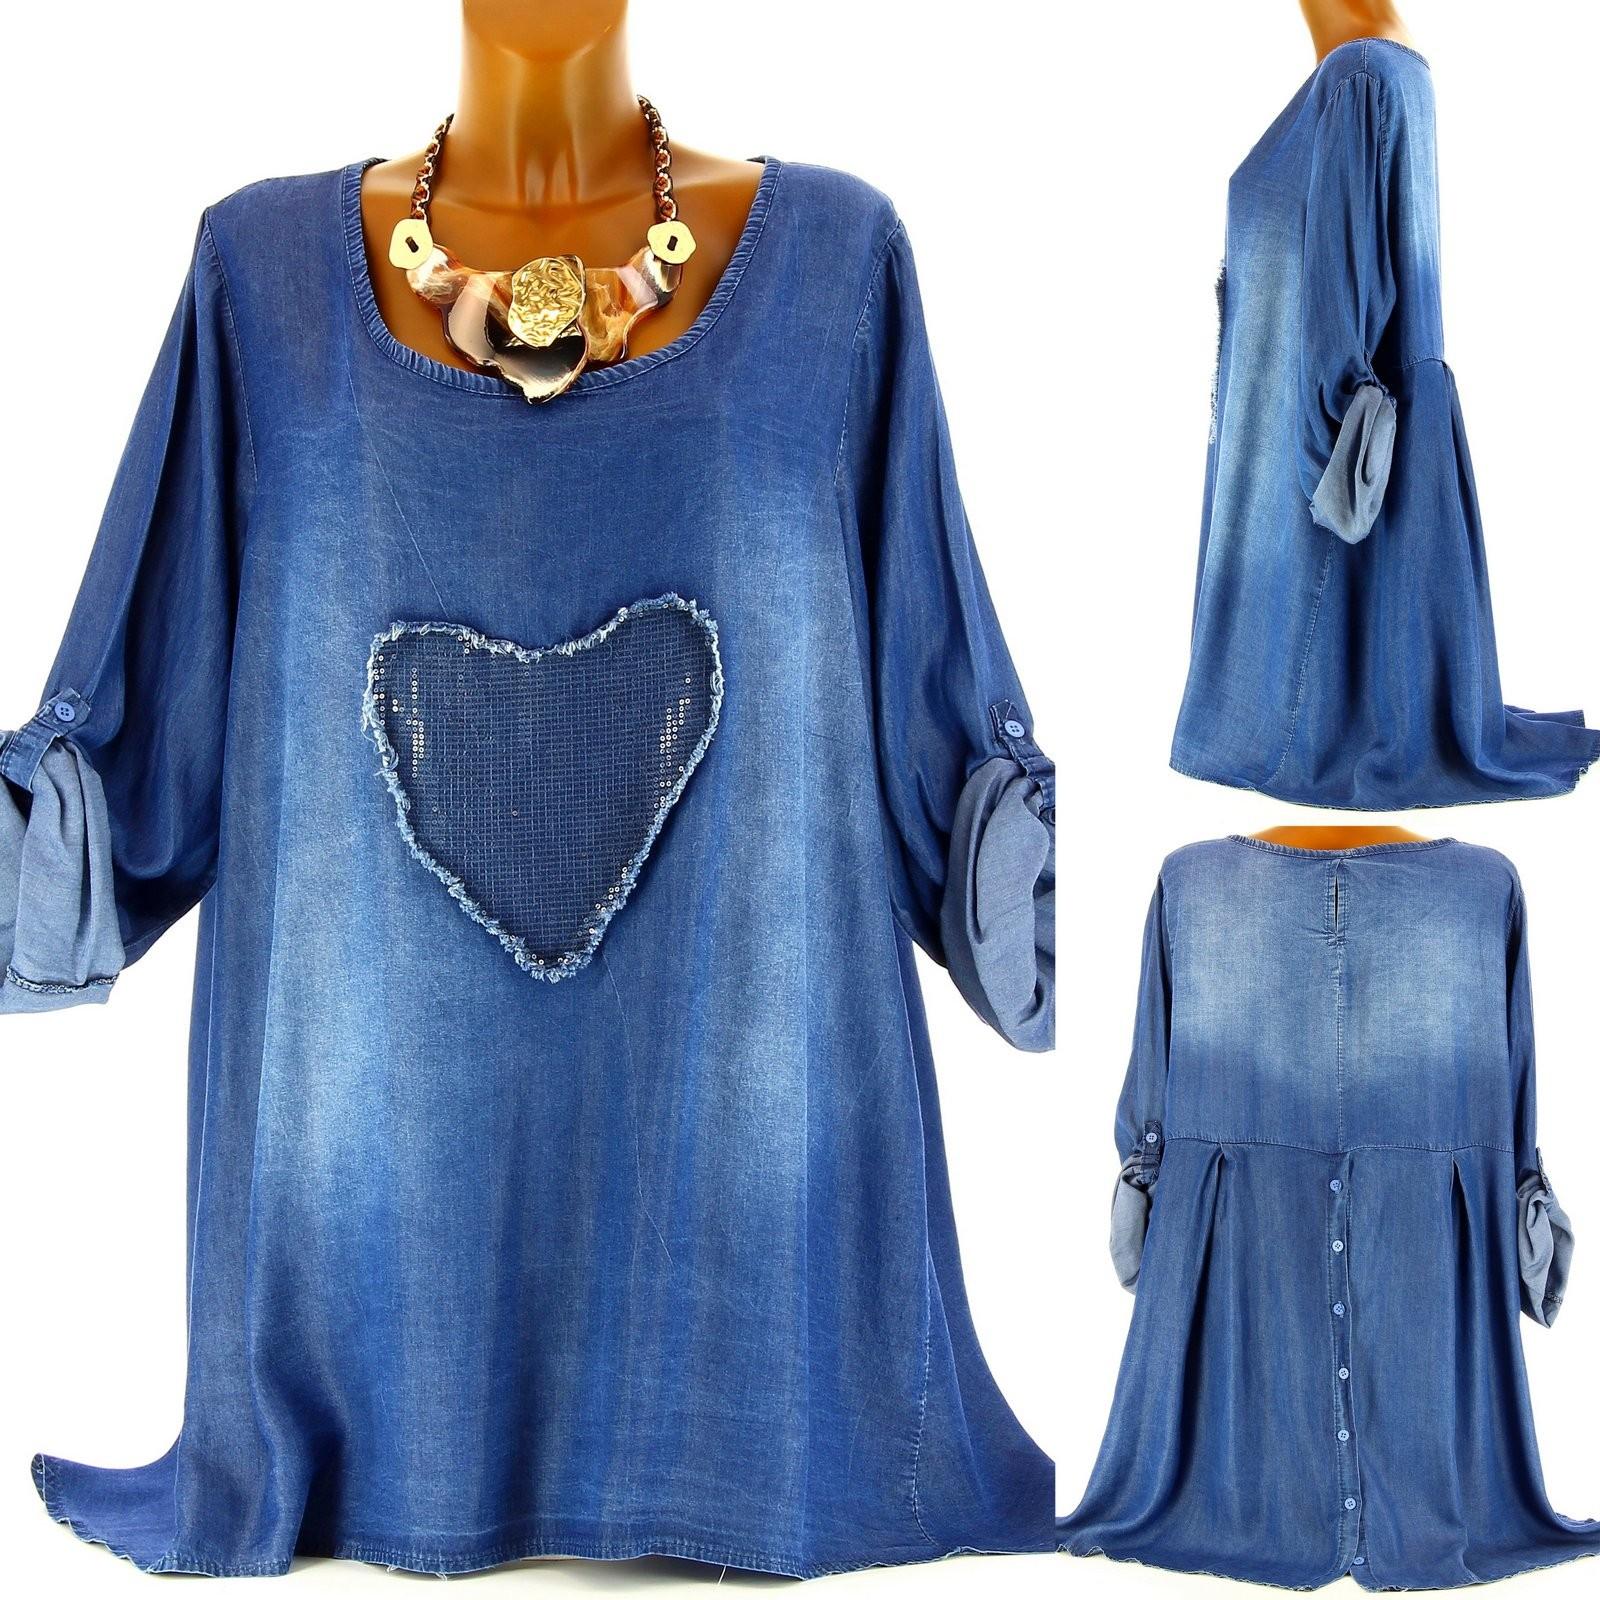 robe tunique jean ofelia brod e sequins grande taille asym triq. Black Bedroom Furniture Sets. Home Design Ideas